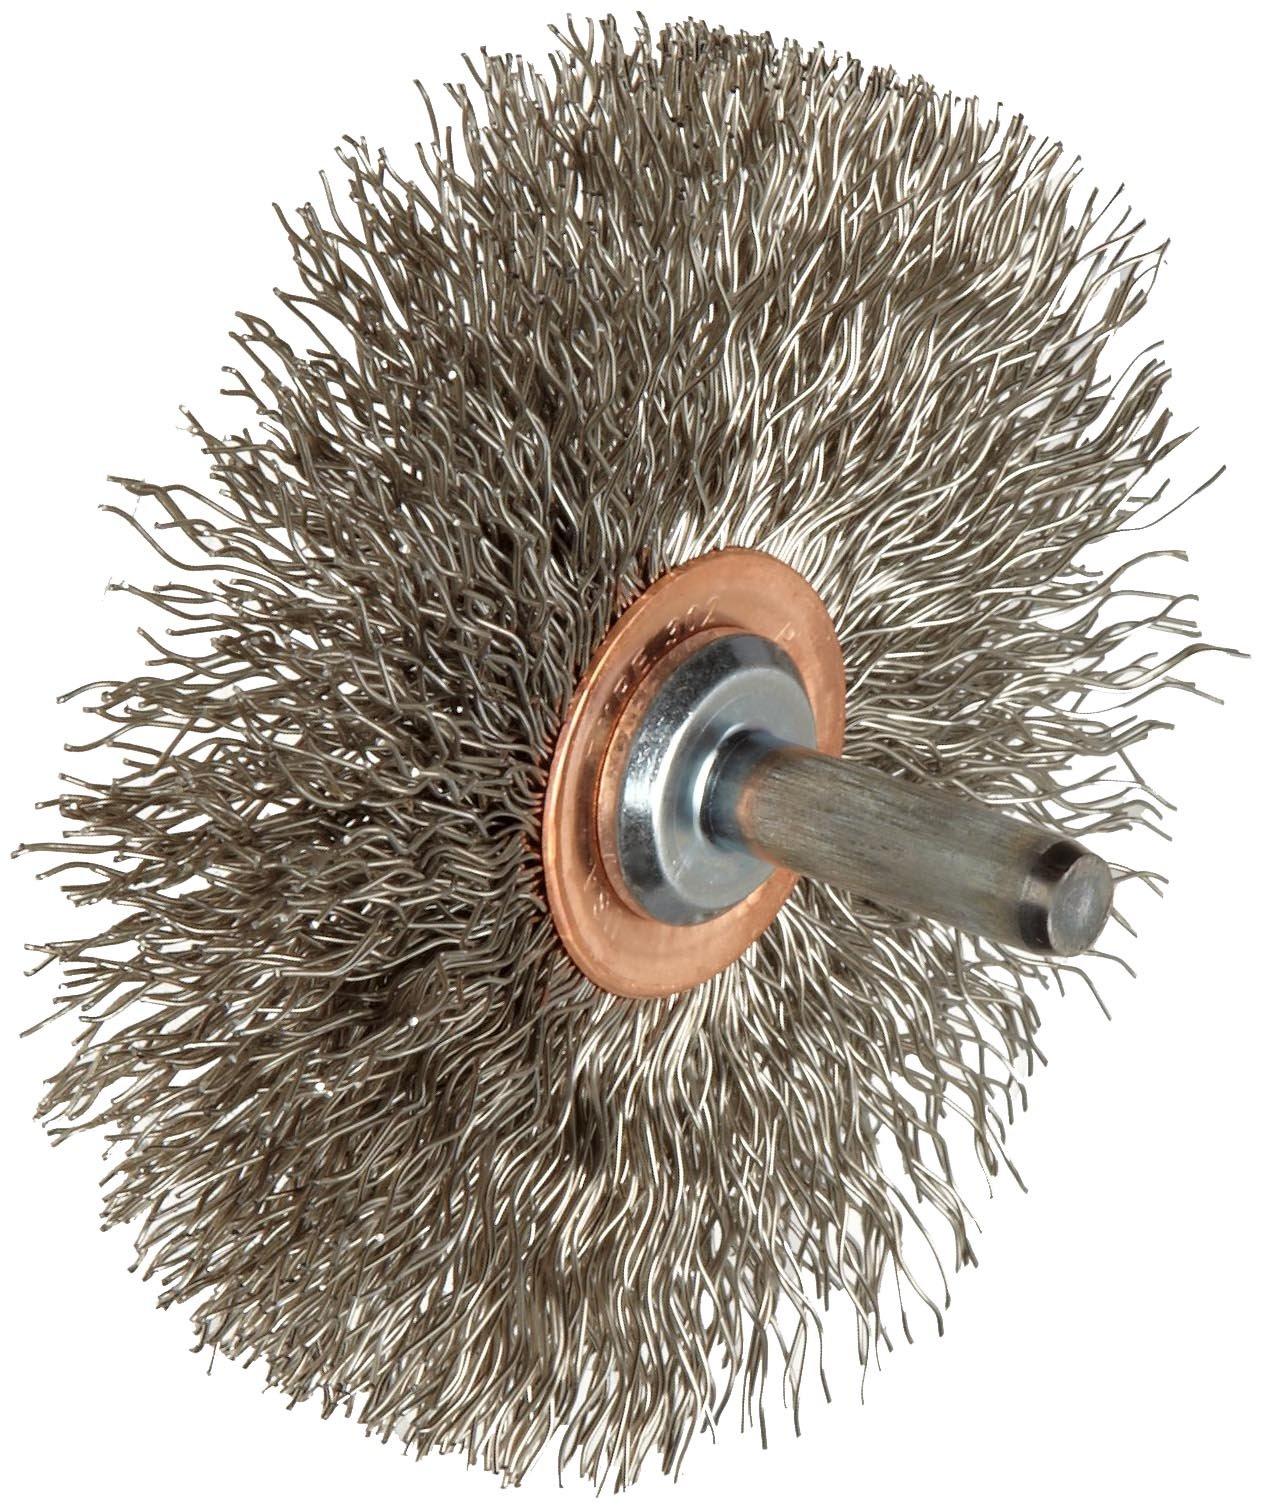 Weiler Narrow Face Wire Wheel Conflex Brush, Round Shank, Stainless Steel 302, Crimped Wire, 3'' Diameter, 0.014'' Wire Diameter, 1/4'' Shank, 1'' Bristle Length, 1/2'' Brush Face Width, 20000 rpm by Weiler